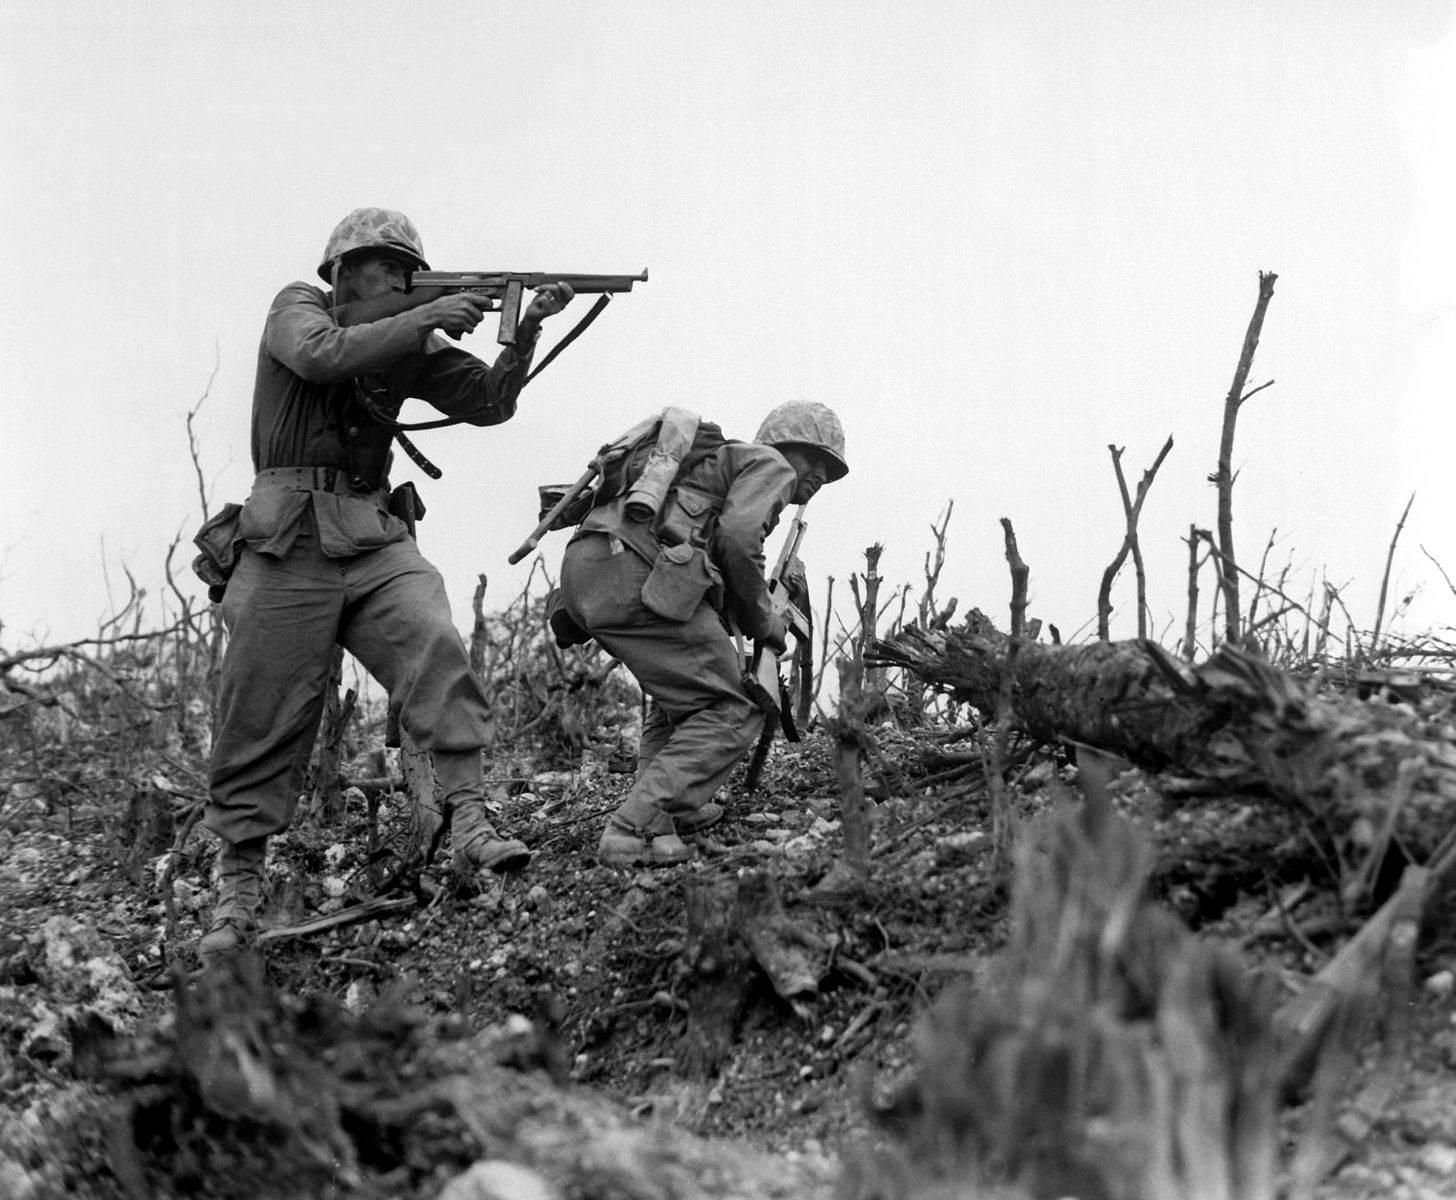 USMC Okinawa Thompson - n Marines de la 1st Marine Division couvre un de ses camarades  pour débusquer une sniper sur l'île d'Okinawa en 1945.